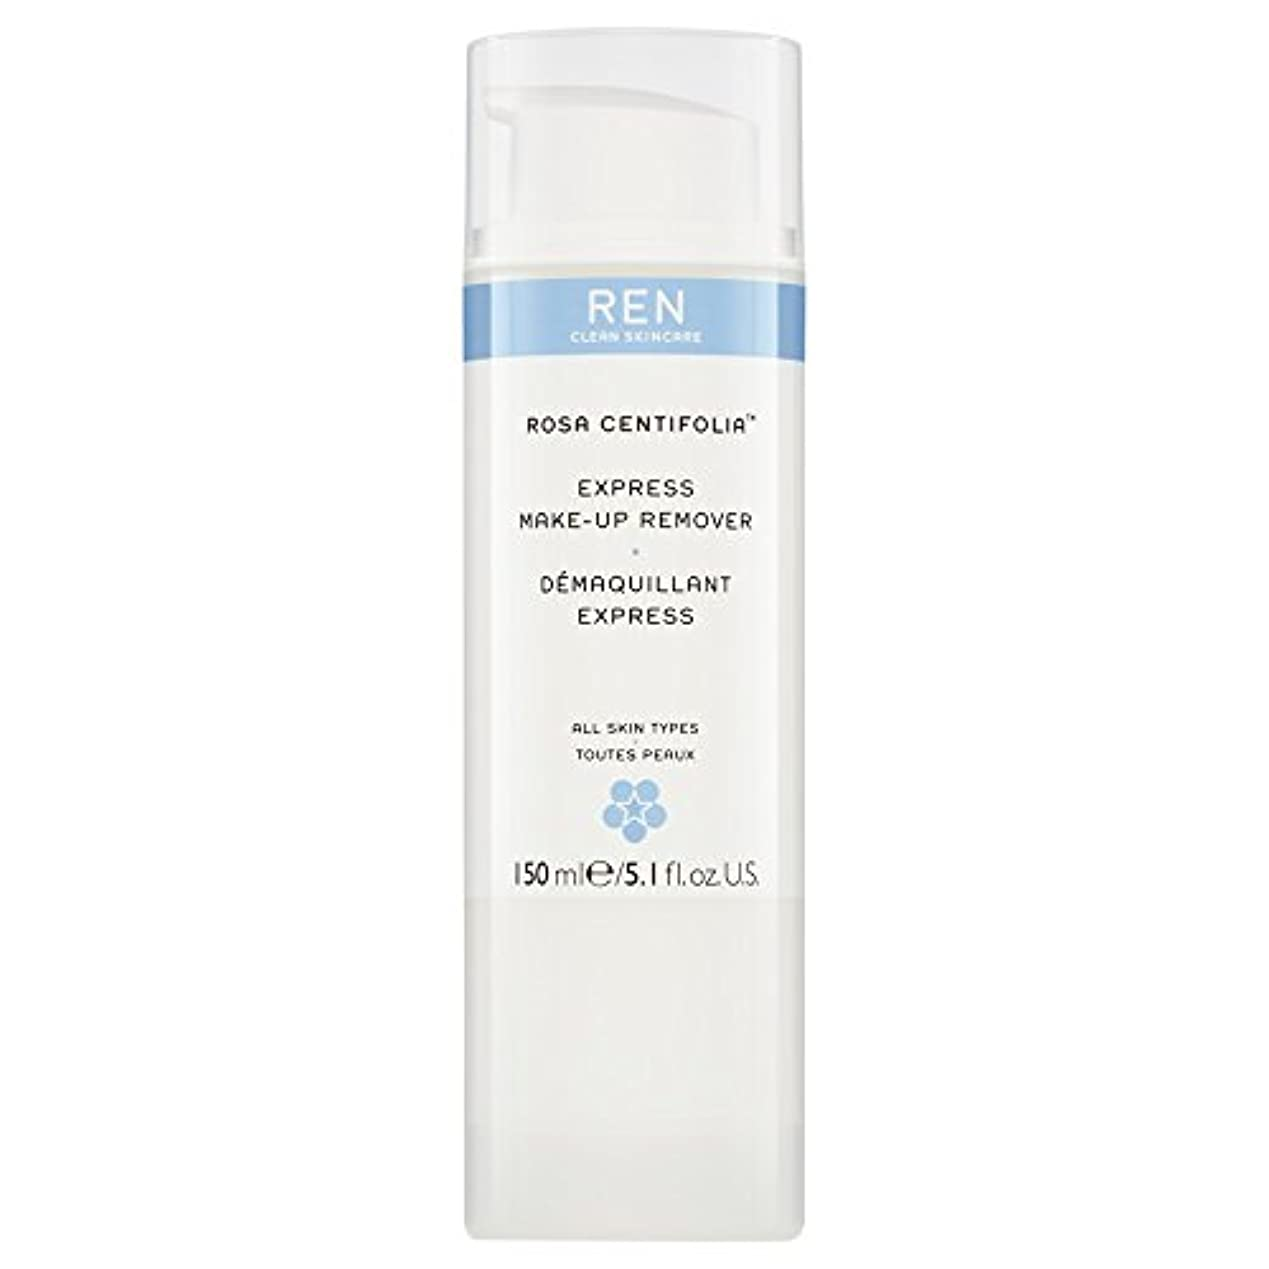 リズム閃光松明Renローザセンチフォリアバラメイクアップリムーバー150ミリリットル (REN) - REN Rosa Centifolia Makeup Remover 150ml [並行輸入品]